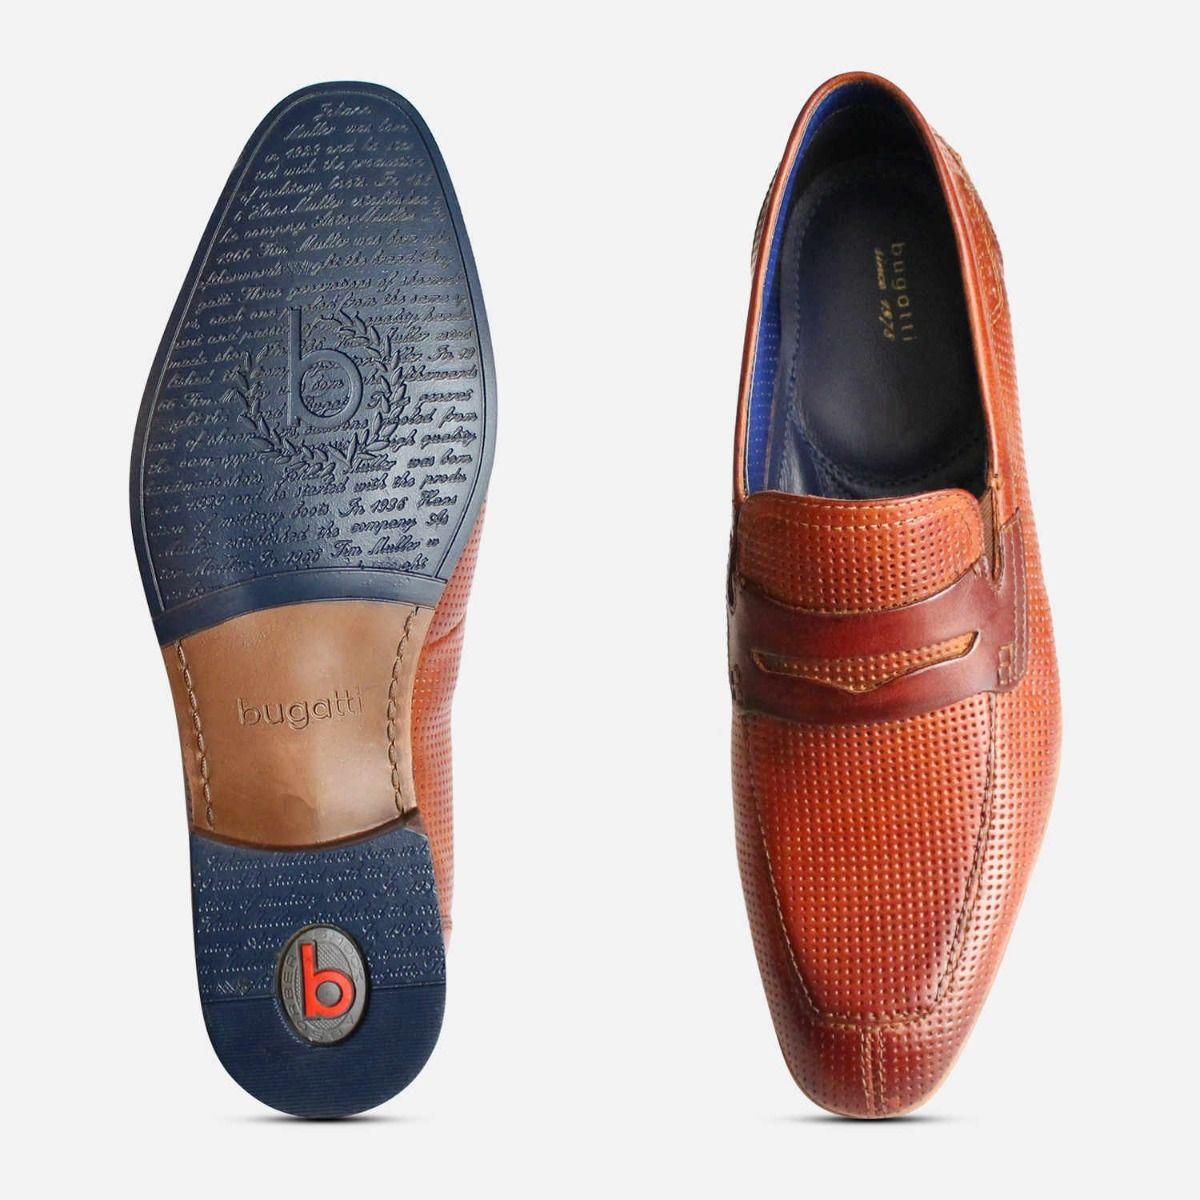 Designer Bugatti Mens Penny Loafers in